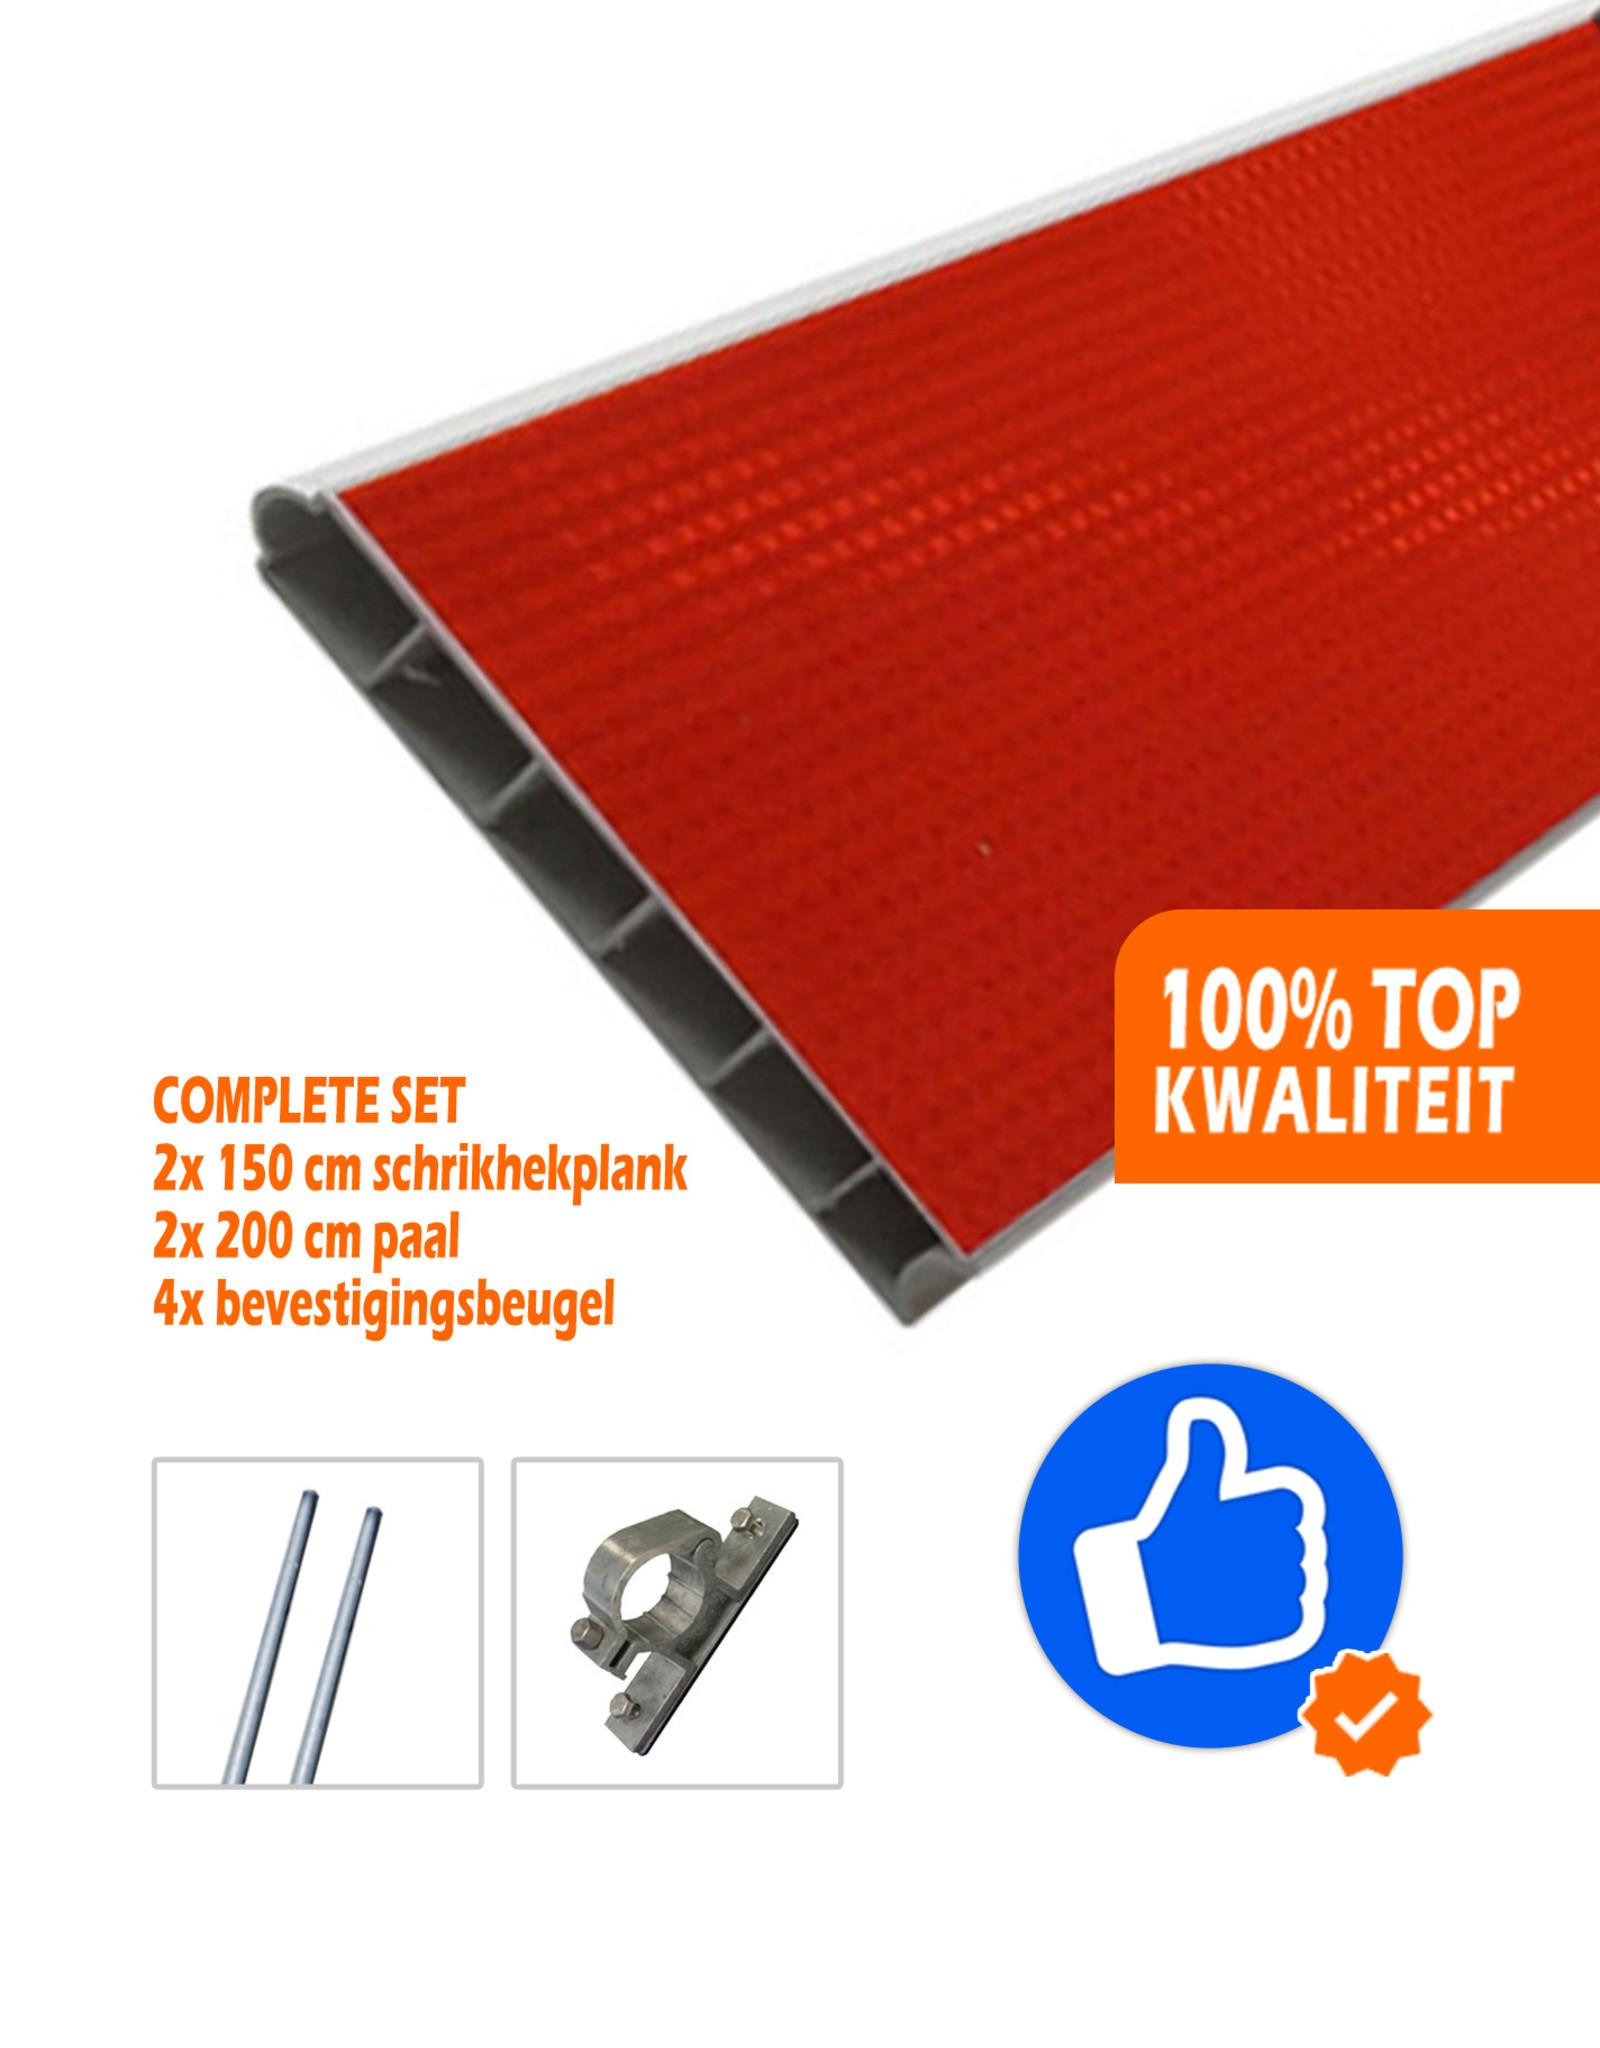 Verkeerswinkel.nl | Compleet Schrikhek 150 cm incl. alle materialen